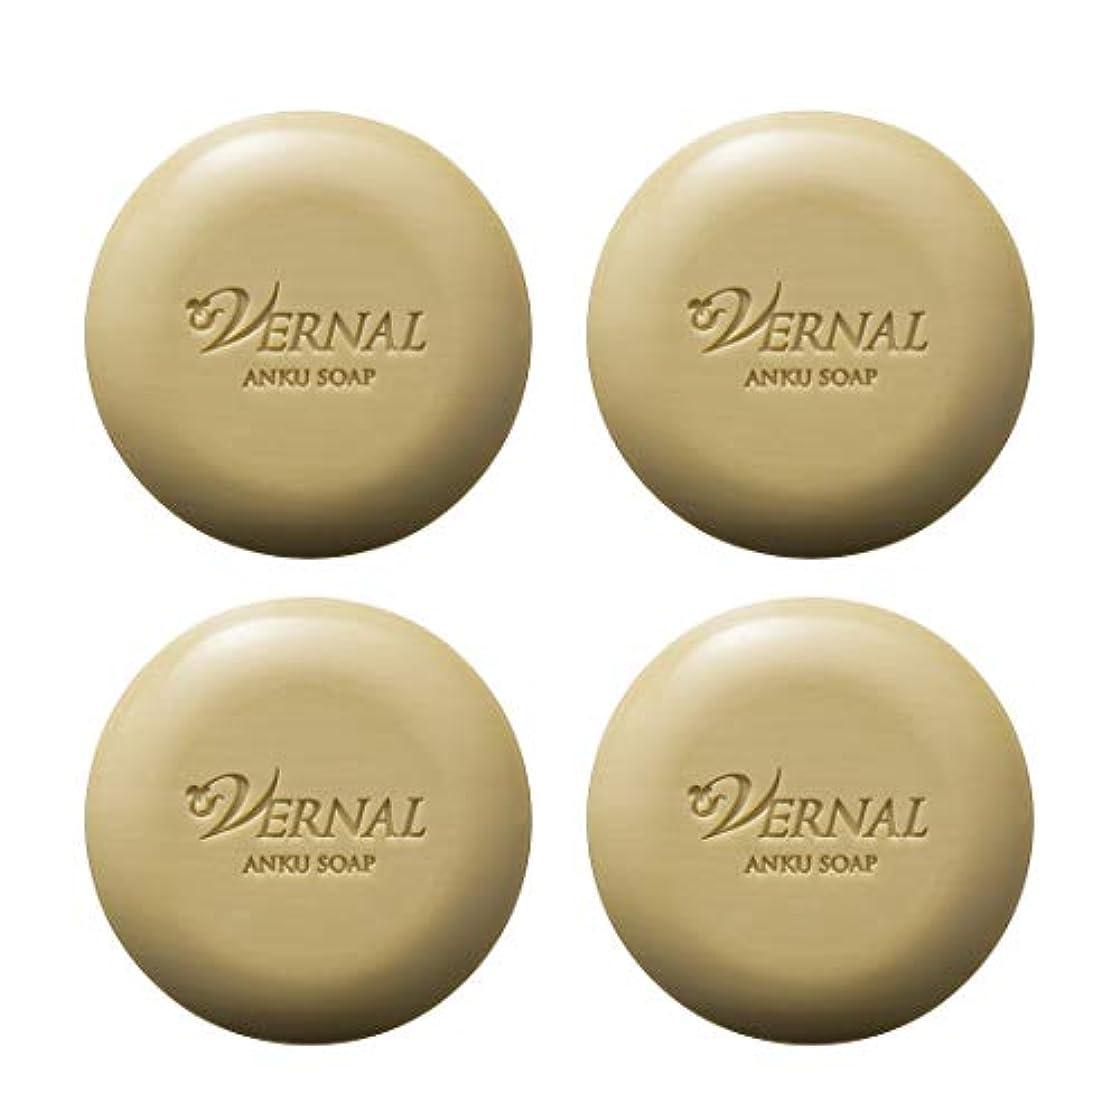 気づく制裁時々時々アンクソープ4個セット各110g/ ヴァーナル 洗顔石鹸 お得価格